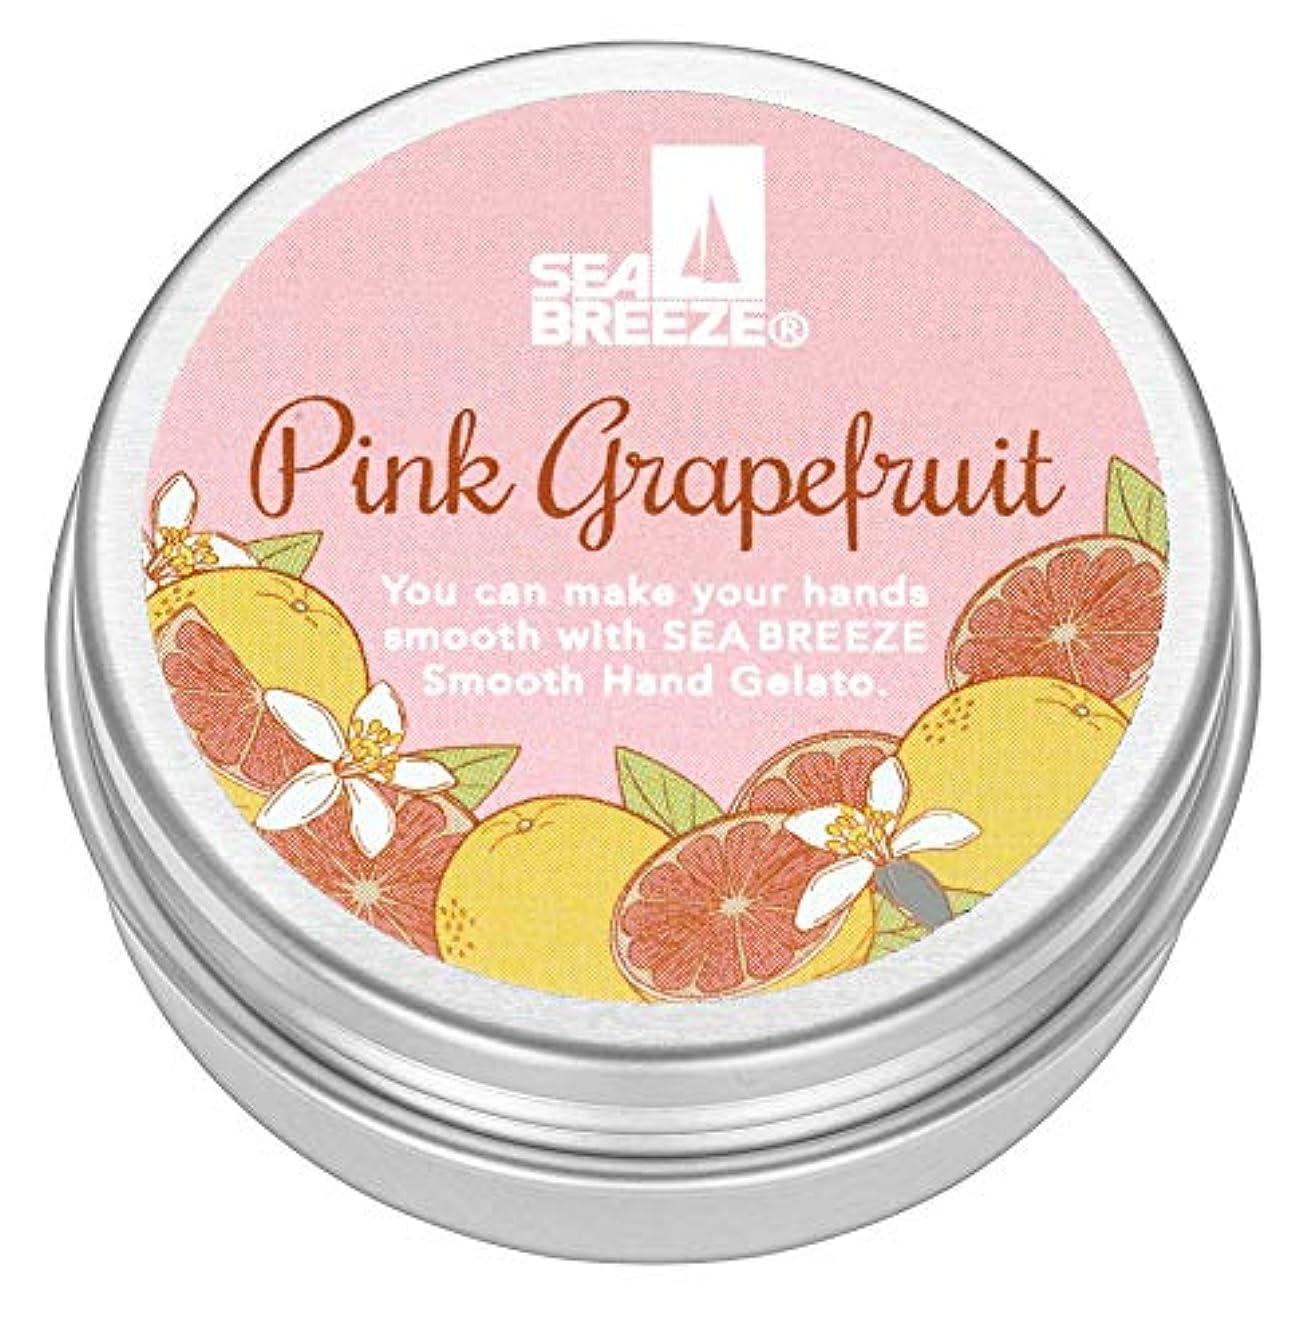 あいにく実験室賛辞シーブリーズ スムースハンドジェラート ピンクグレープフルーツ 18g